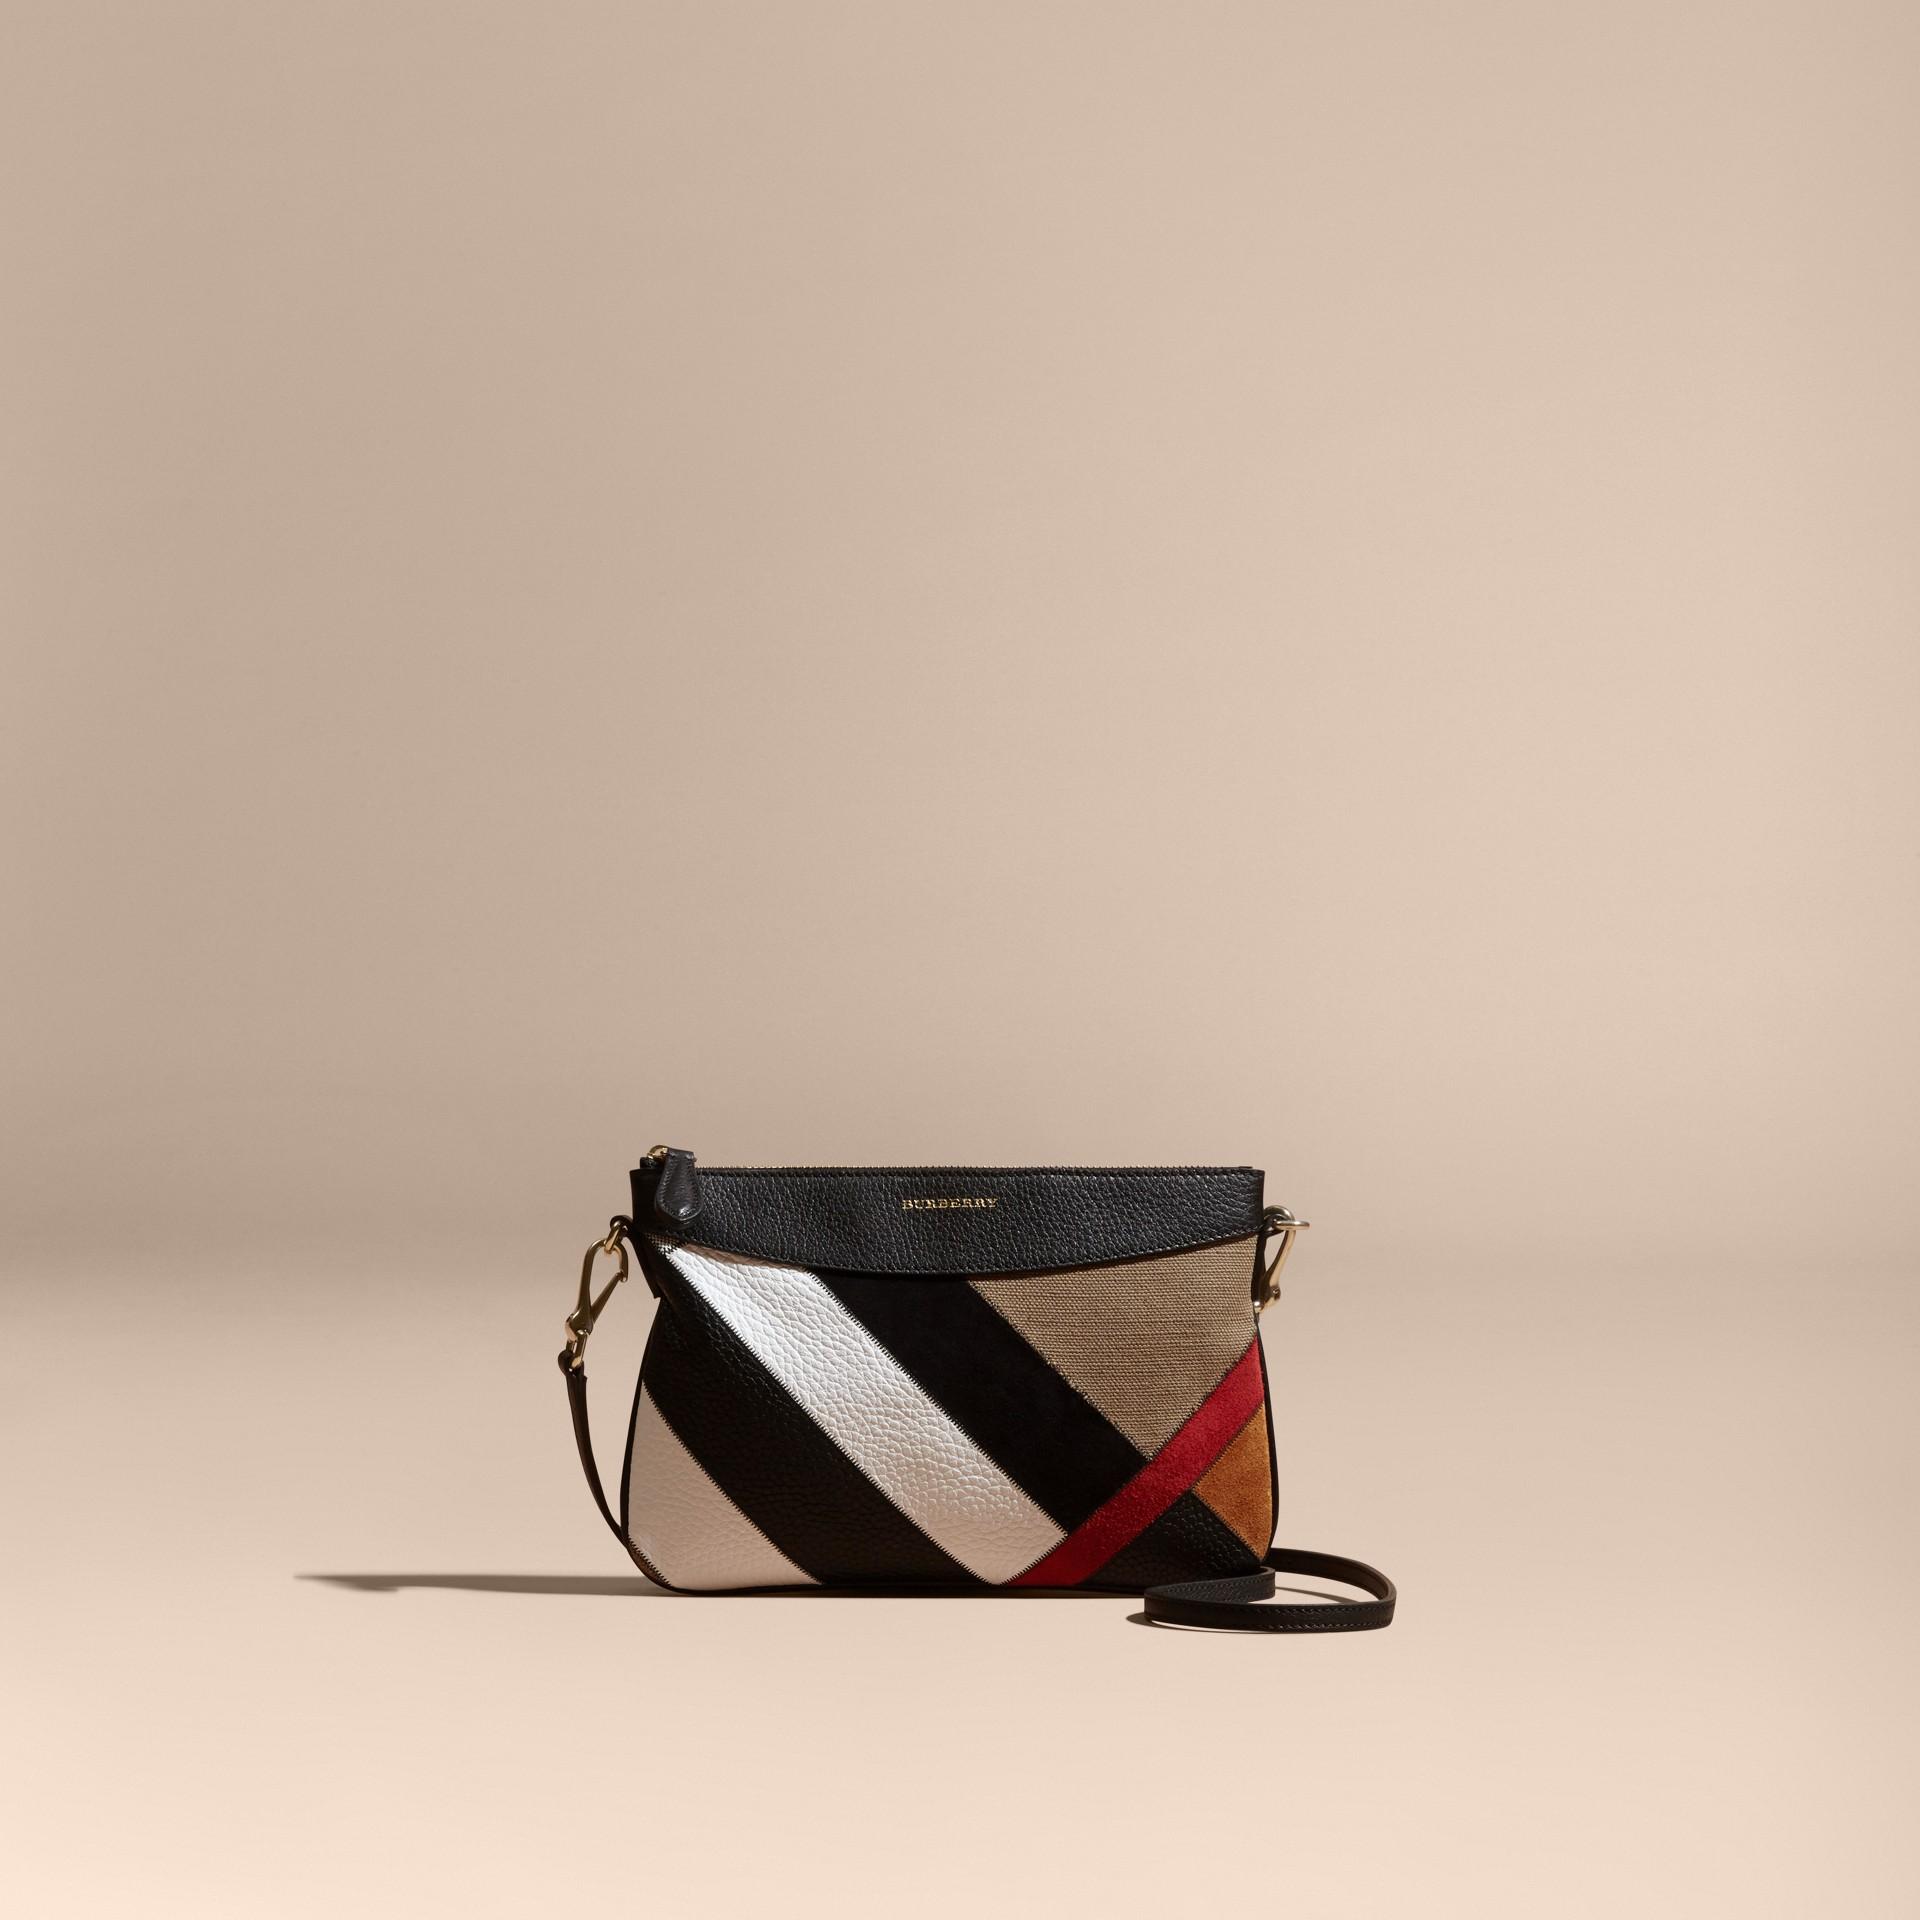 Noir Clutch façon patchwork en cuir, cuir velours et jute de coton à motif check - photo de la galerie 9